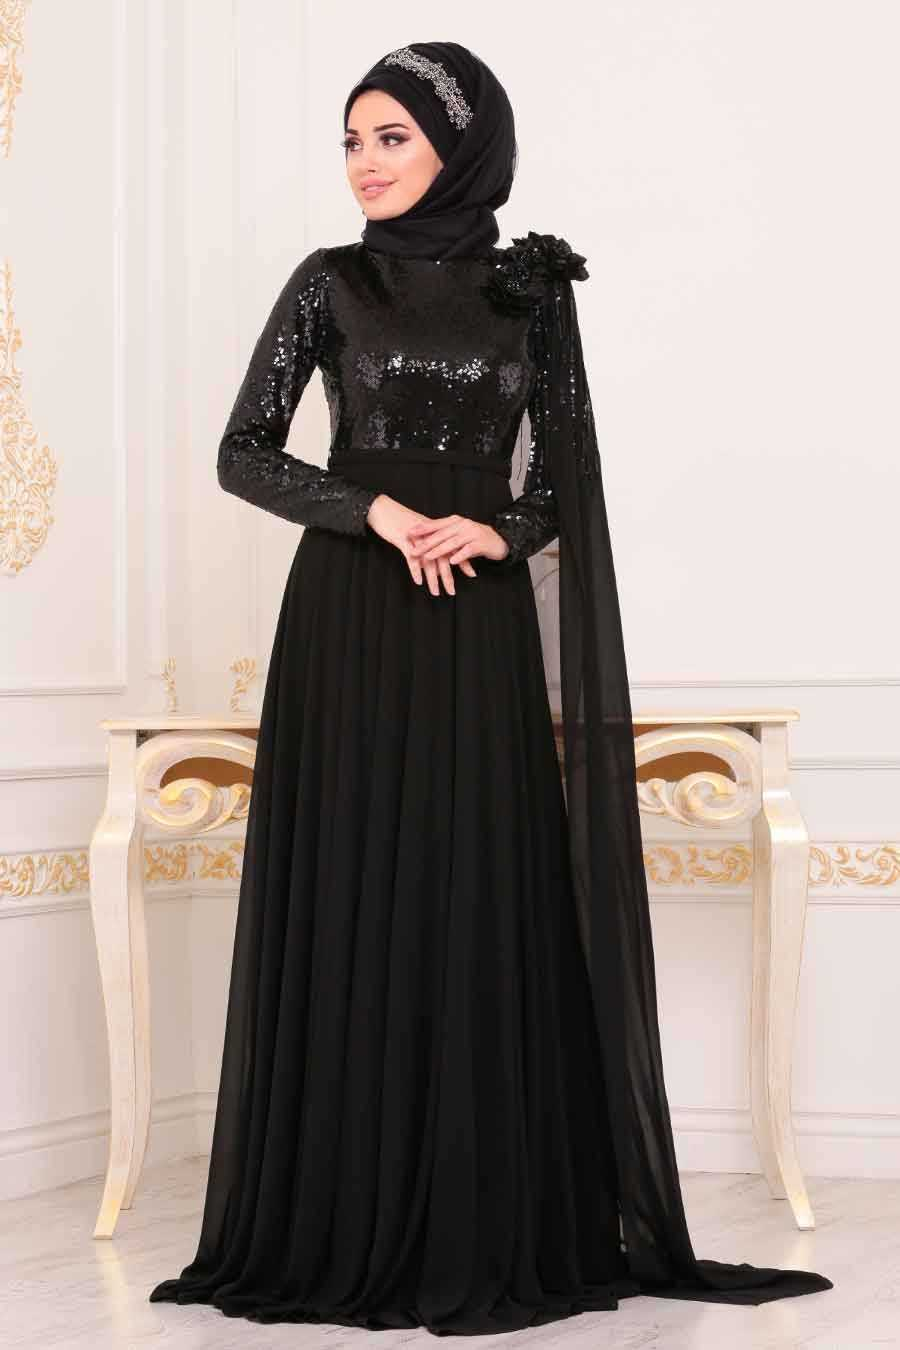 Neva Style Tesettür Siyah Renk Abiye Elbise Modası